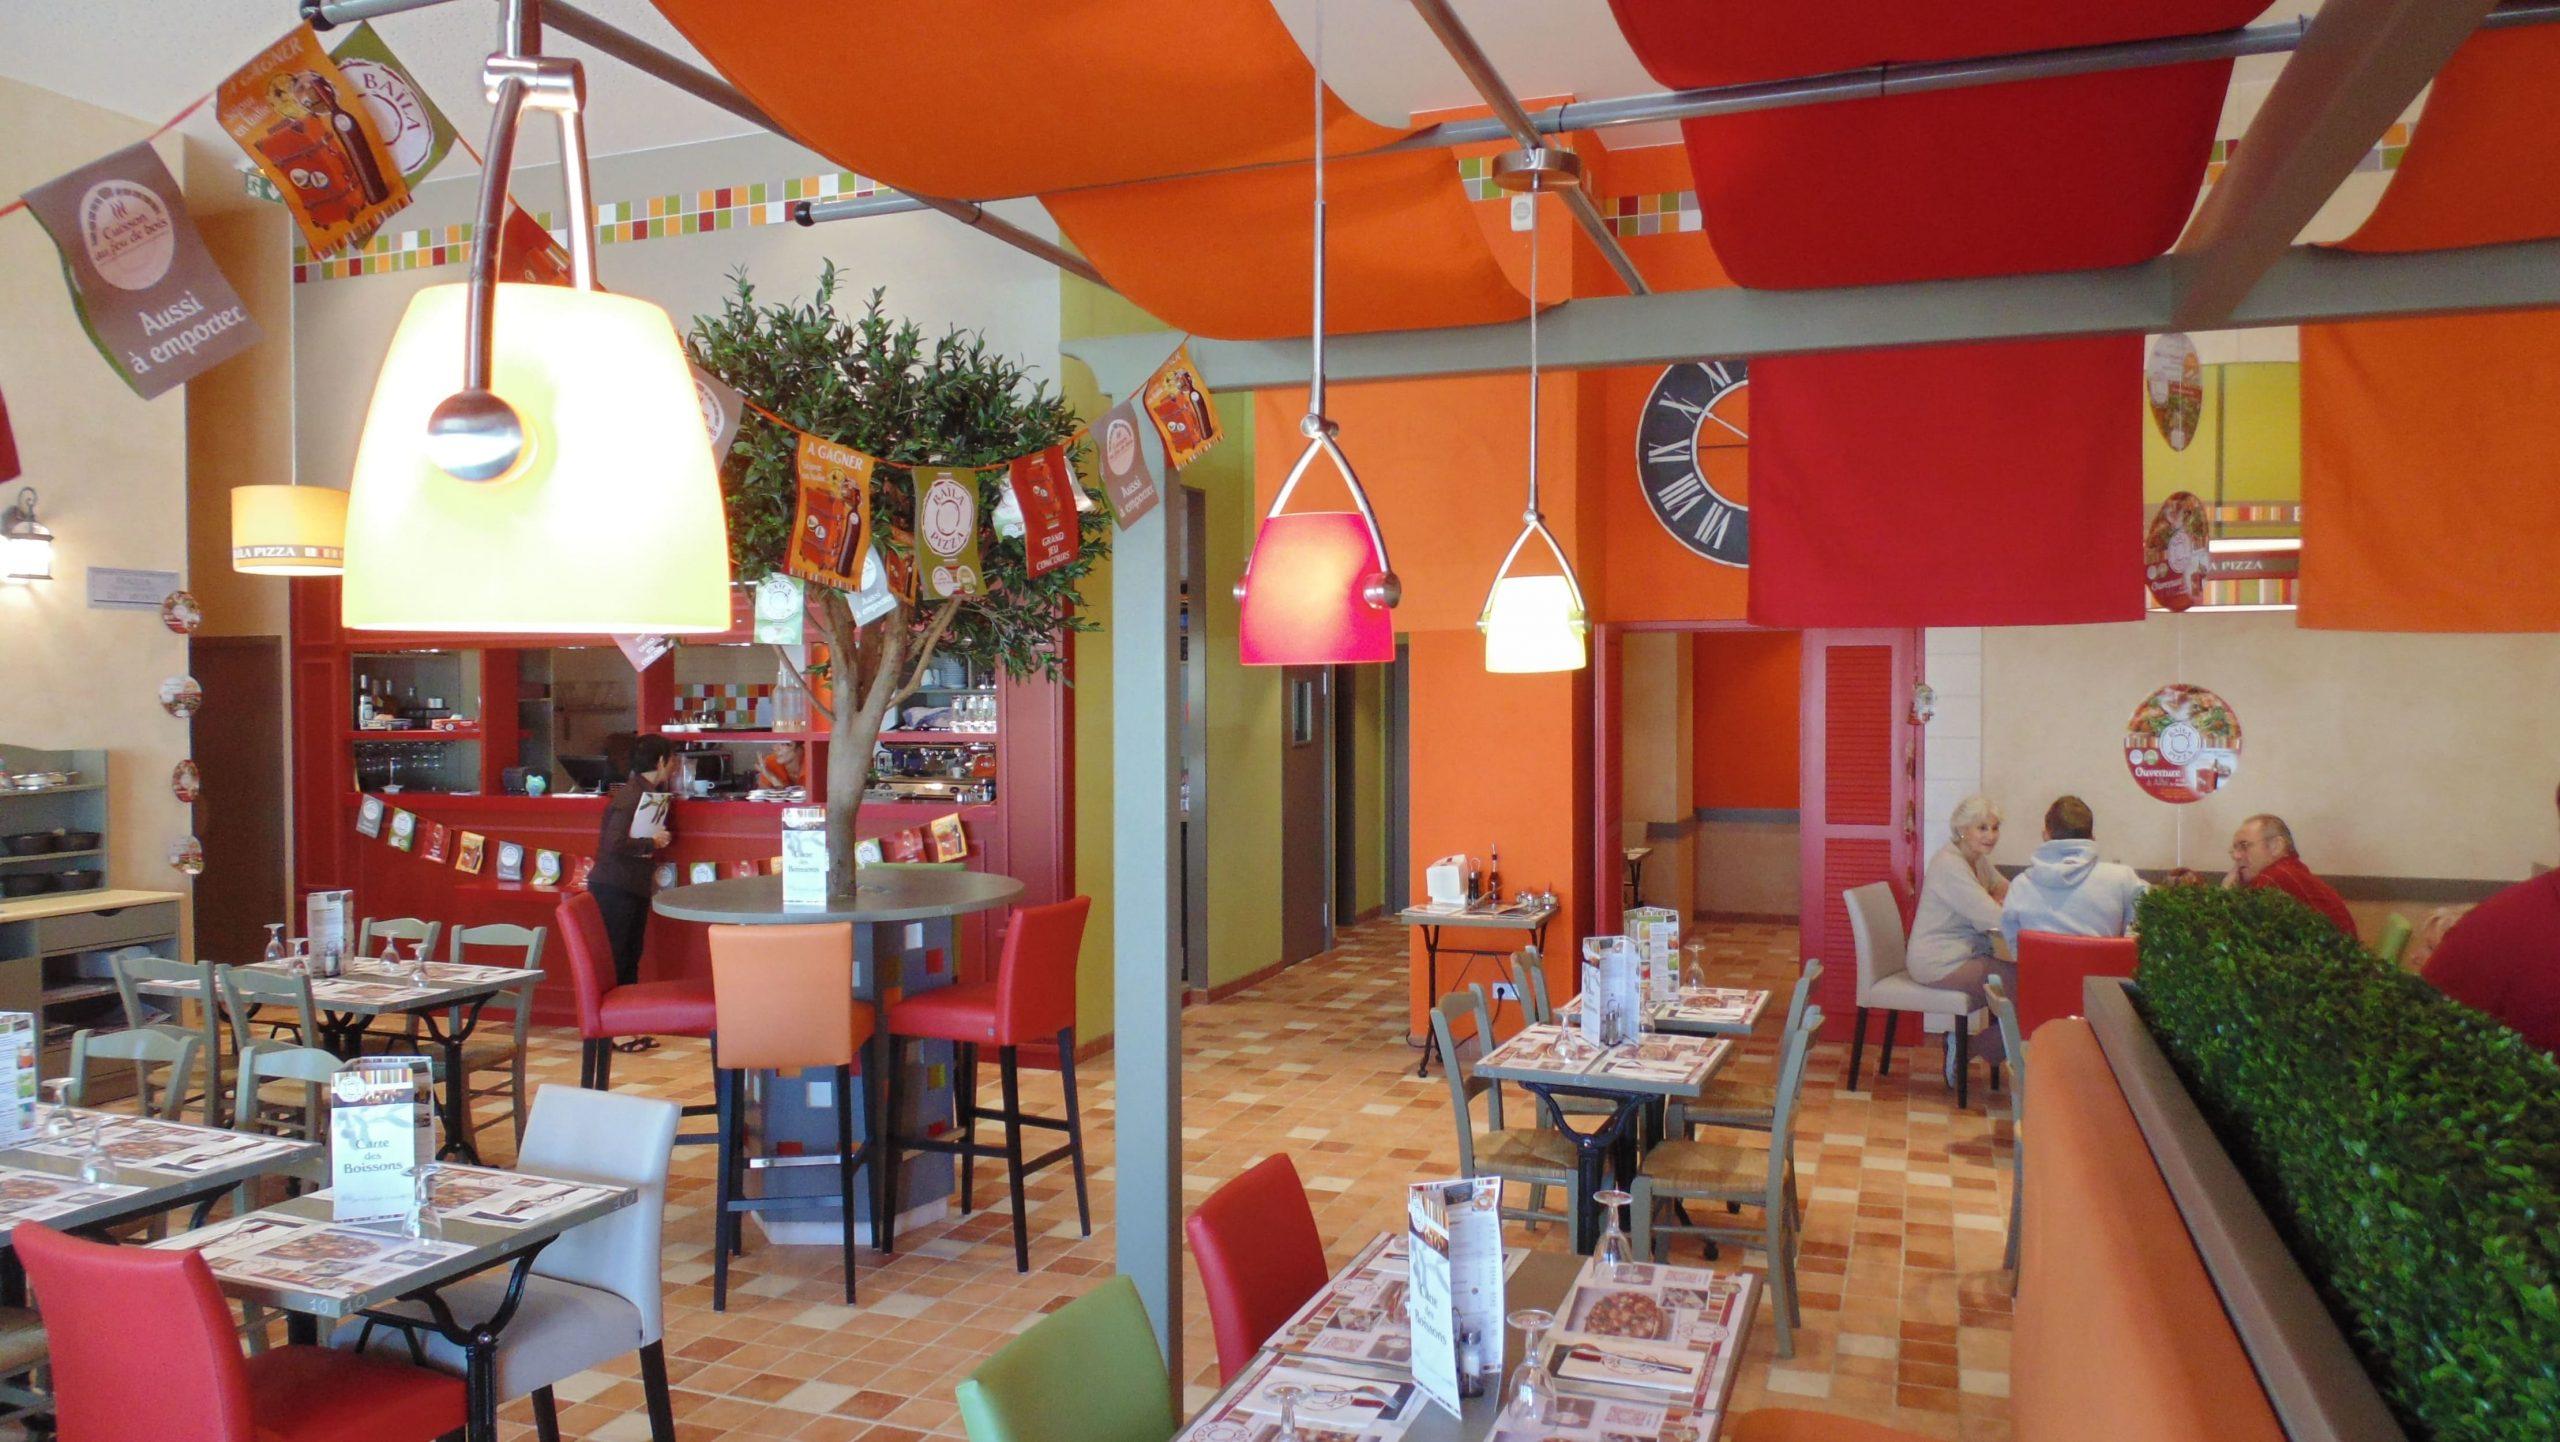 Salle de restauration du Baïla Pizza à Albi agencé par SAFRA Agencement